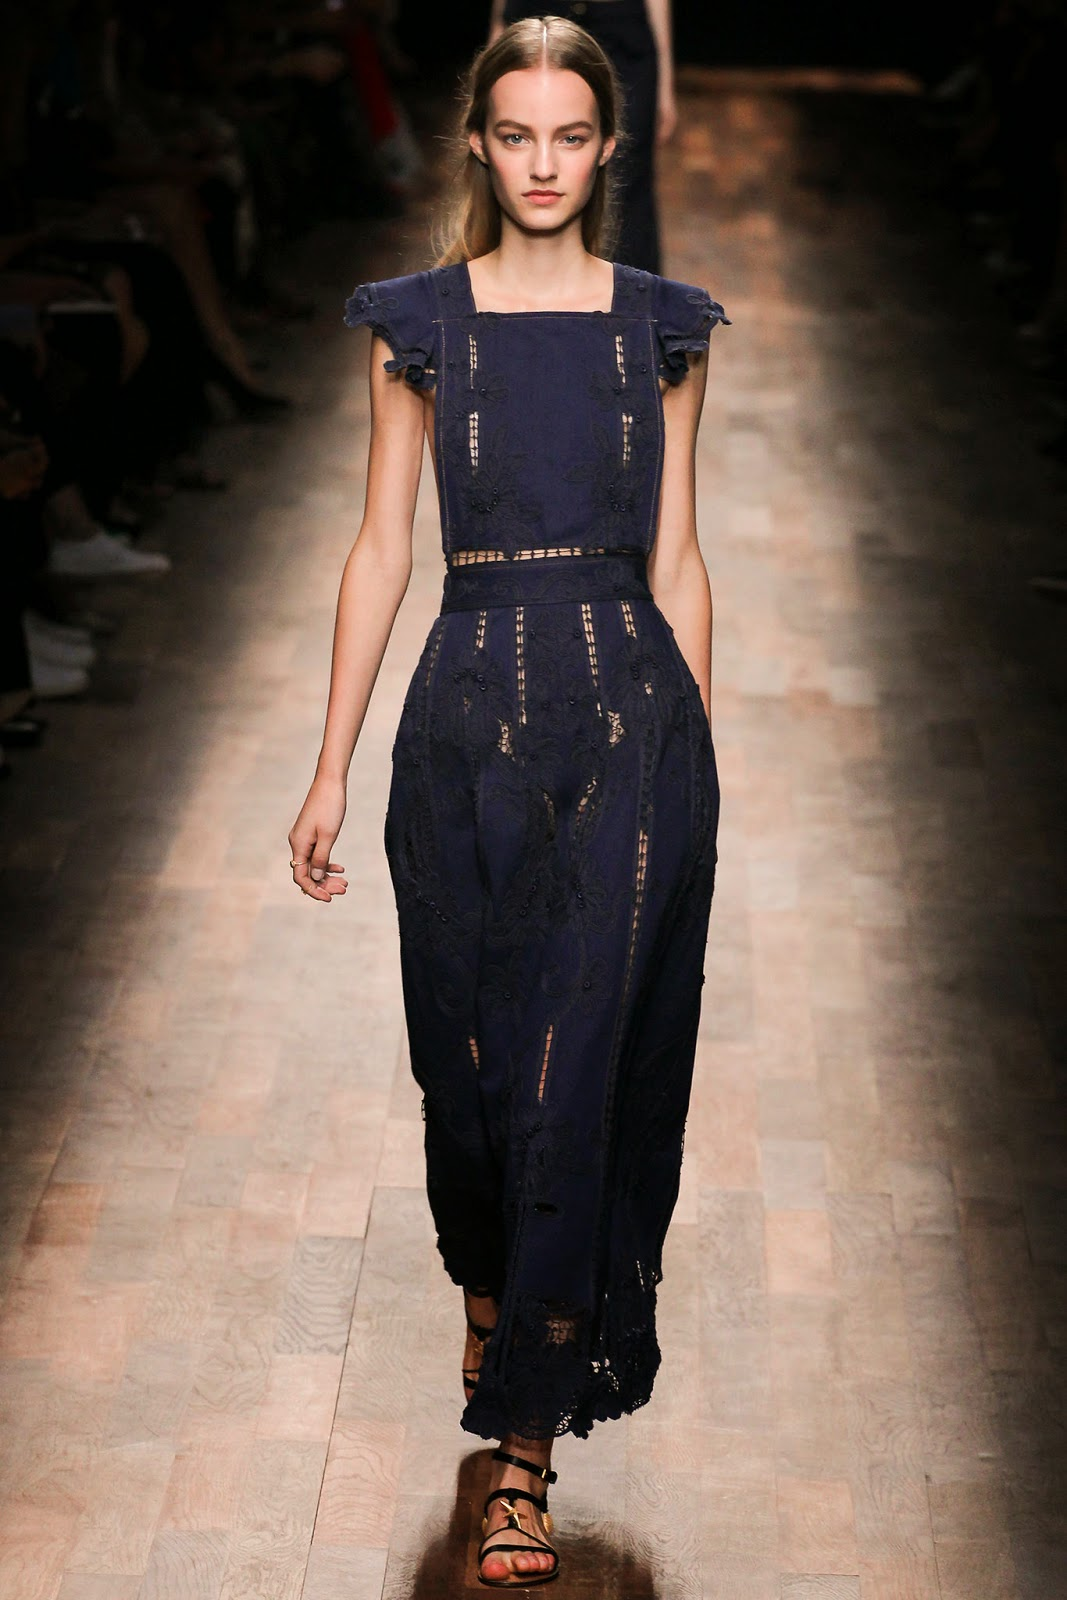 valentino 2015 summer 2016 trend women dress 5 Valentino 2015 samling, våren sommaren 2016 Valentino klänning modeller, Valentino kväll klänning nya säsongen kvinnors kjolar modeller